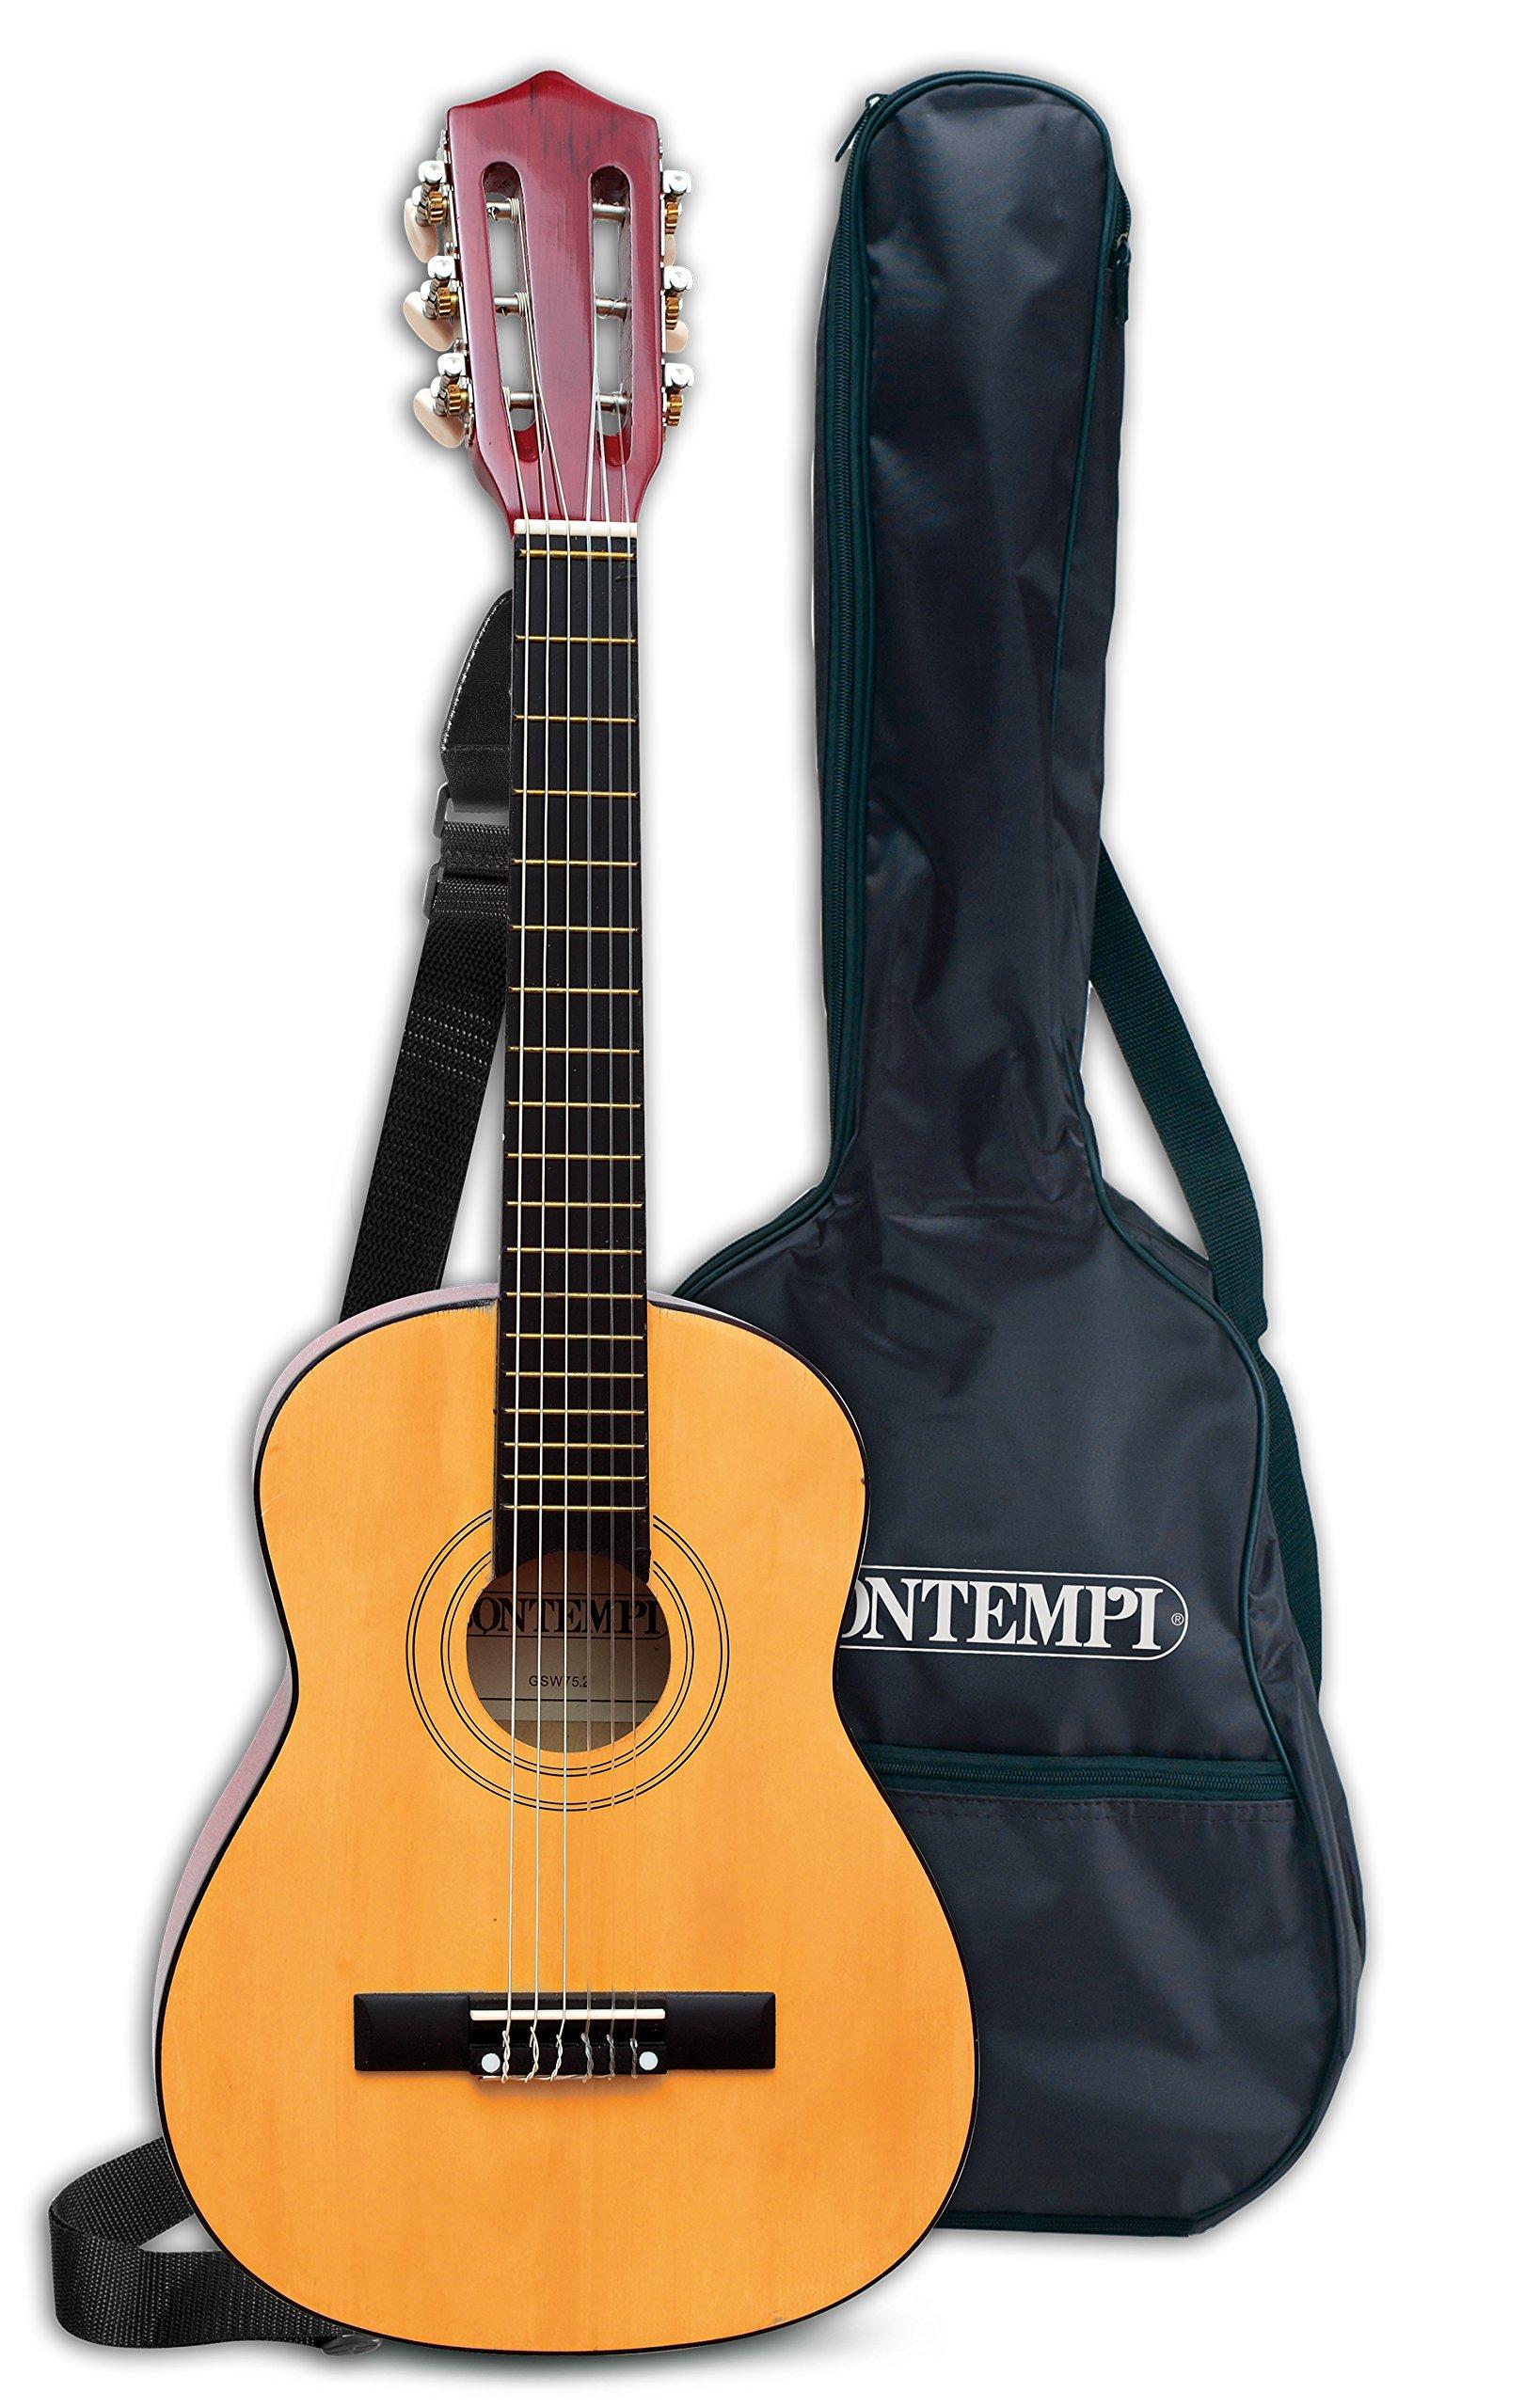 Bontempi-21 752 Guitarra clásica de Madera y Bolsa de Transporte ...